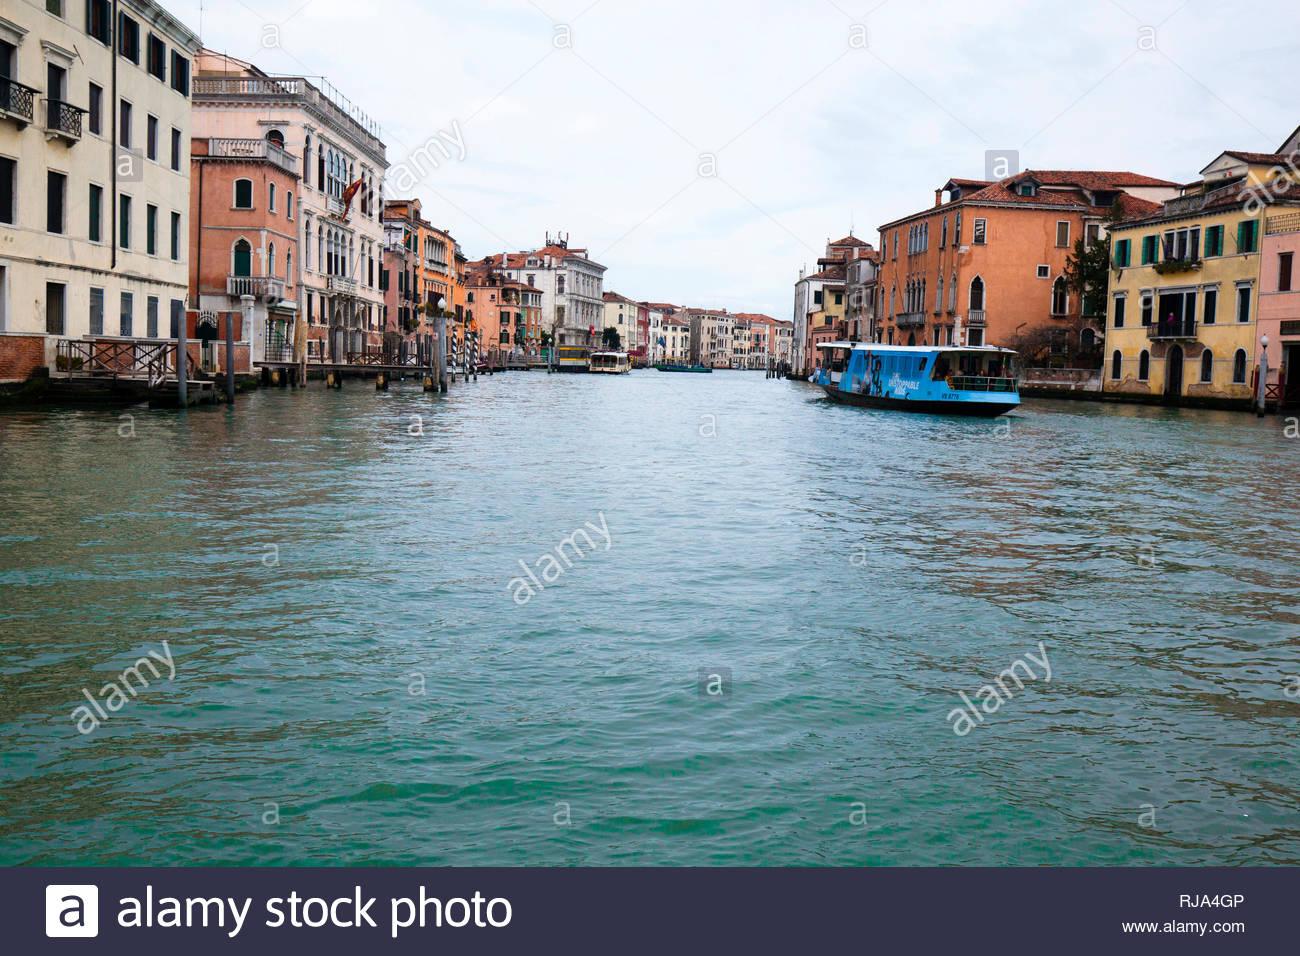 Blick von einem Kanal auf die Häuser in Venedig - Stock Image